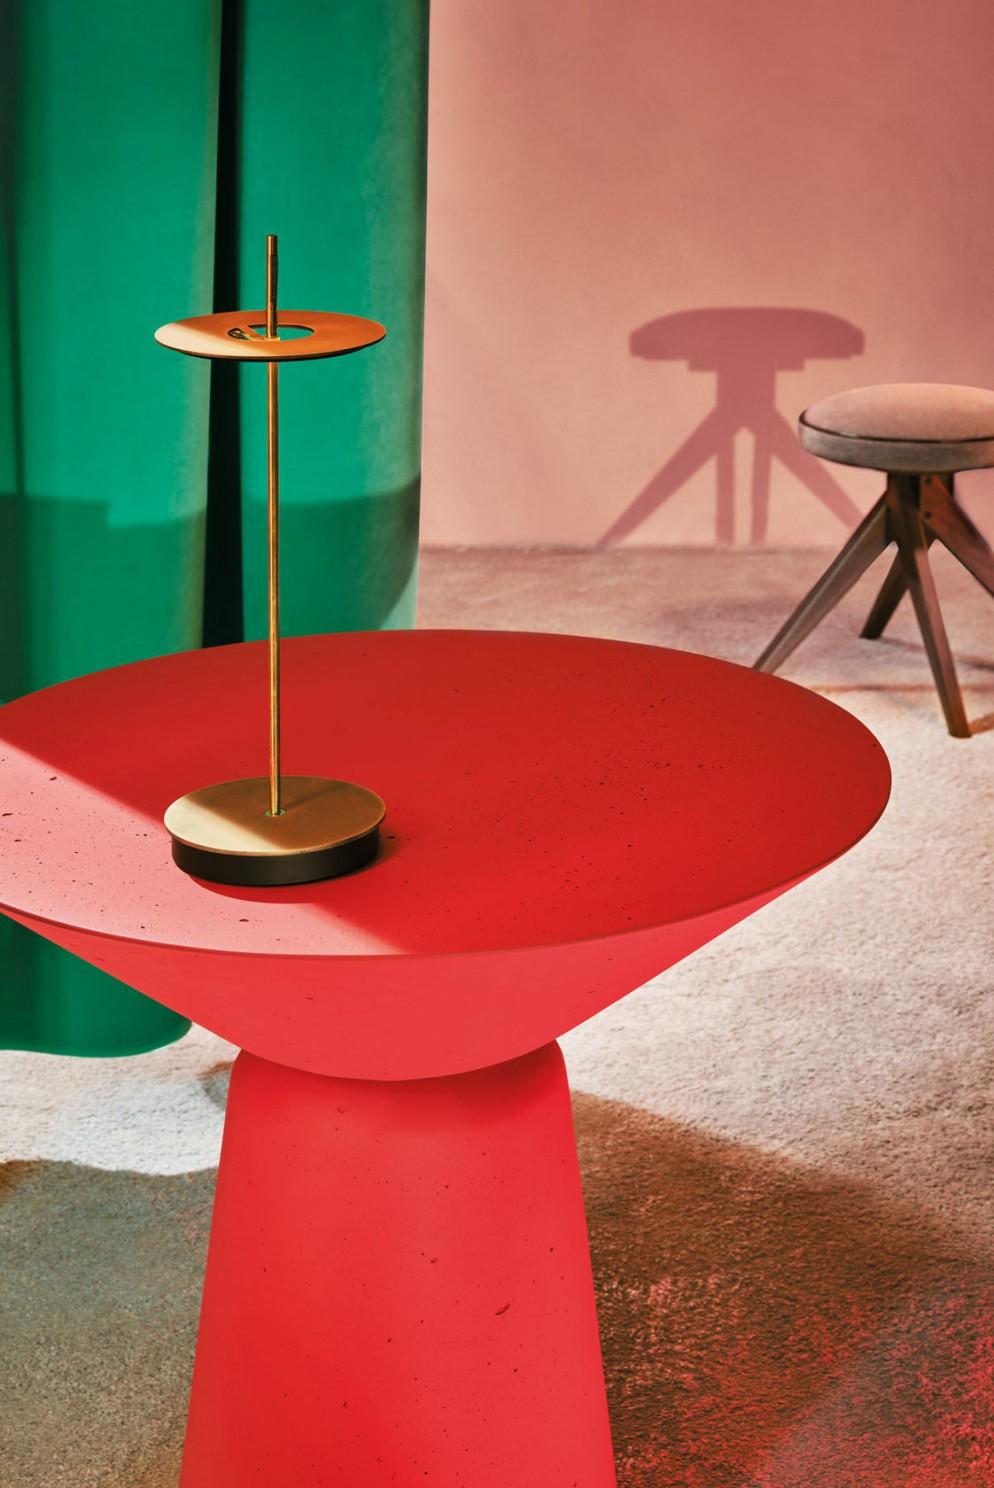 idee-arredare-casa-lampade-divani-sedie-letti-poltrone-design-issue-living-corriere-02